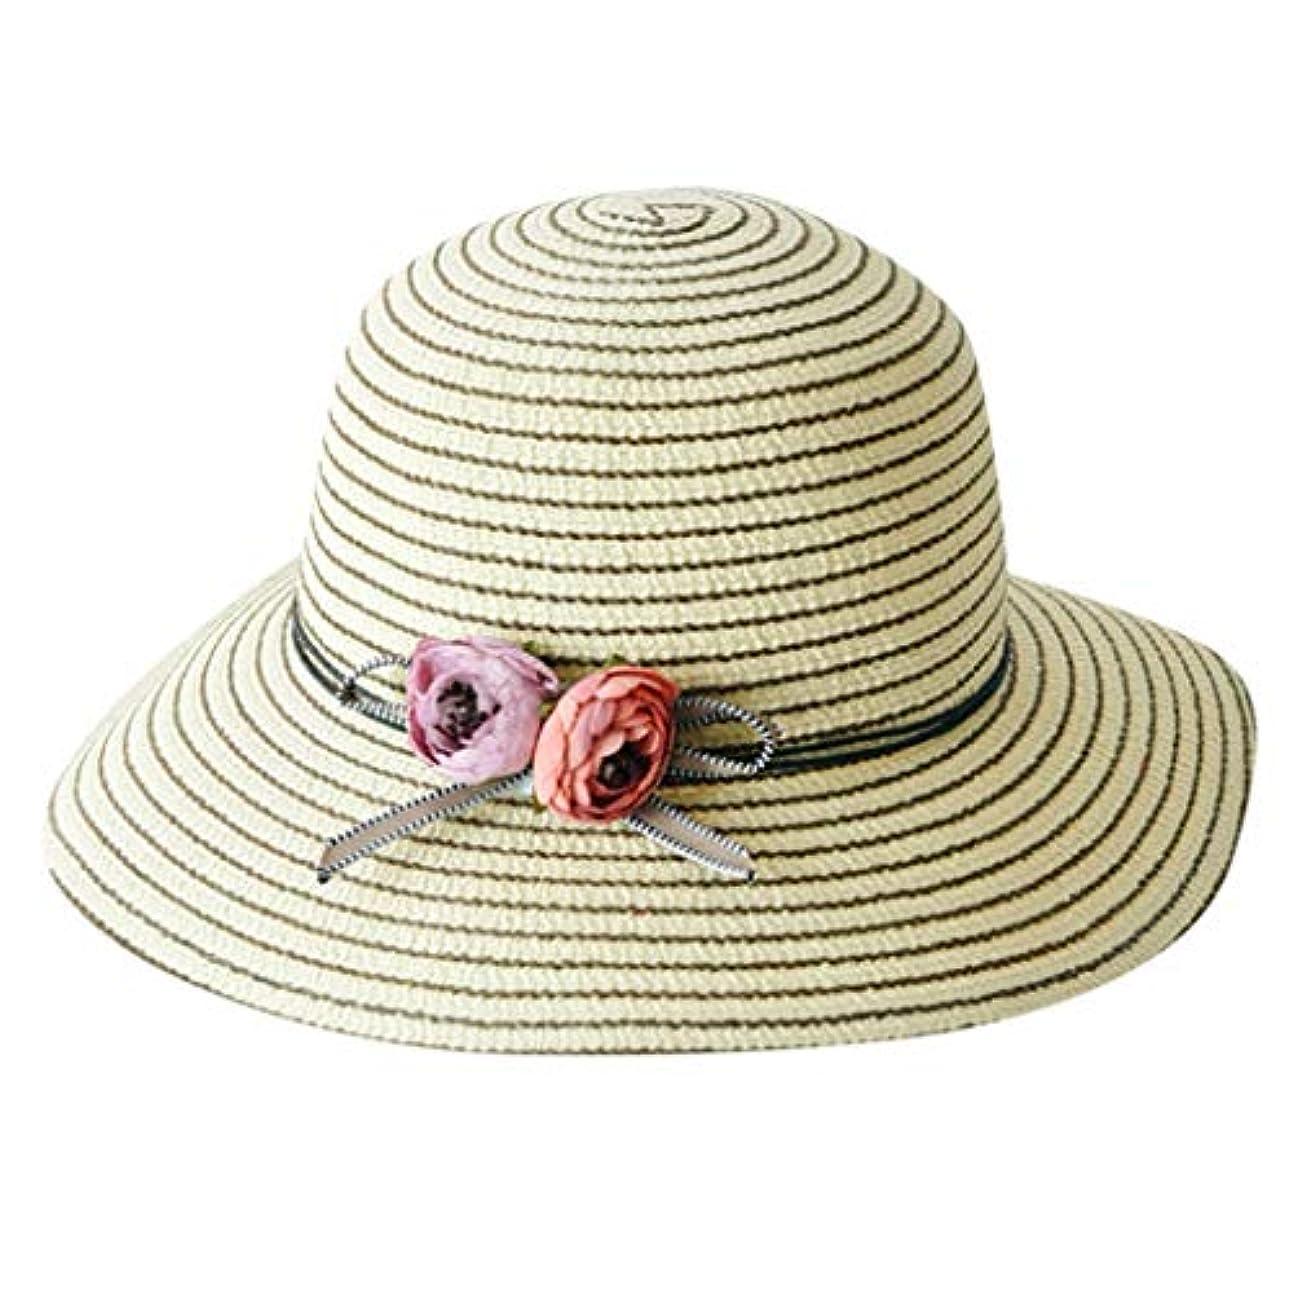 未使用羊のパーセント帽子 レディース 漁師帽 夏 UVカット 帽子 綿糸 ハット レディース 紫外線100%カット UV ハット 可愛い 小顔効果抜群 日よけ 折りたたみ つば広 小顔効果抜群 折りたたみ 海 旅行 ROSE ROMAN